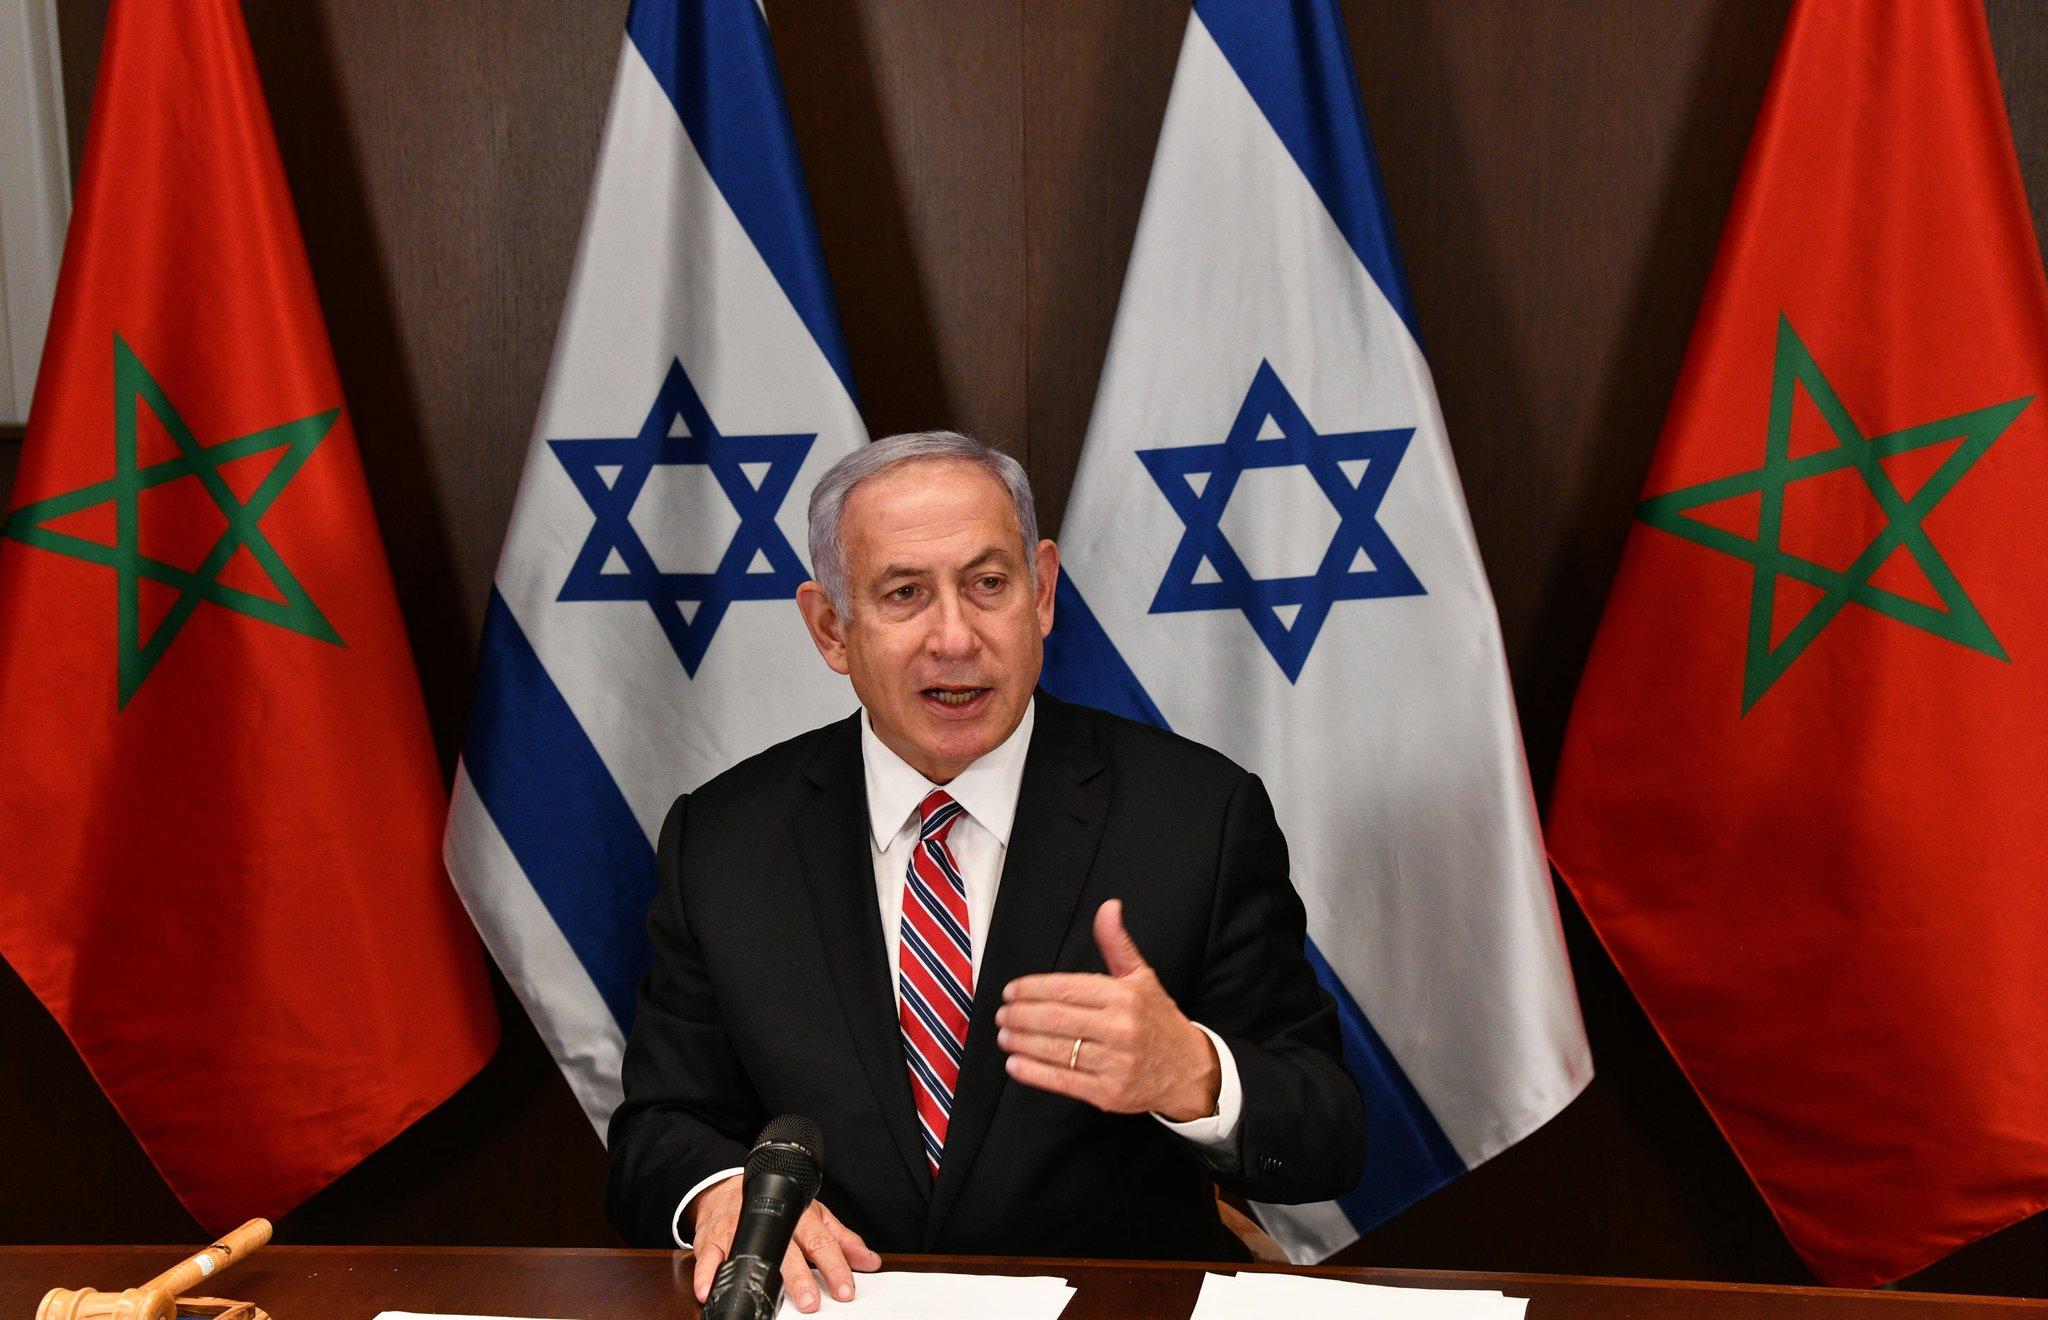 إسرائيل تُصادق على اتفاق استئناف العلاقات الدبلوماسية مع المغرب.. وافتتاح مكتب بالرباط